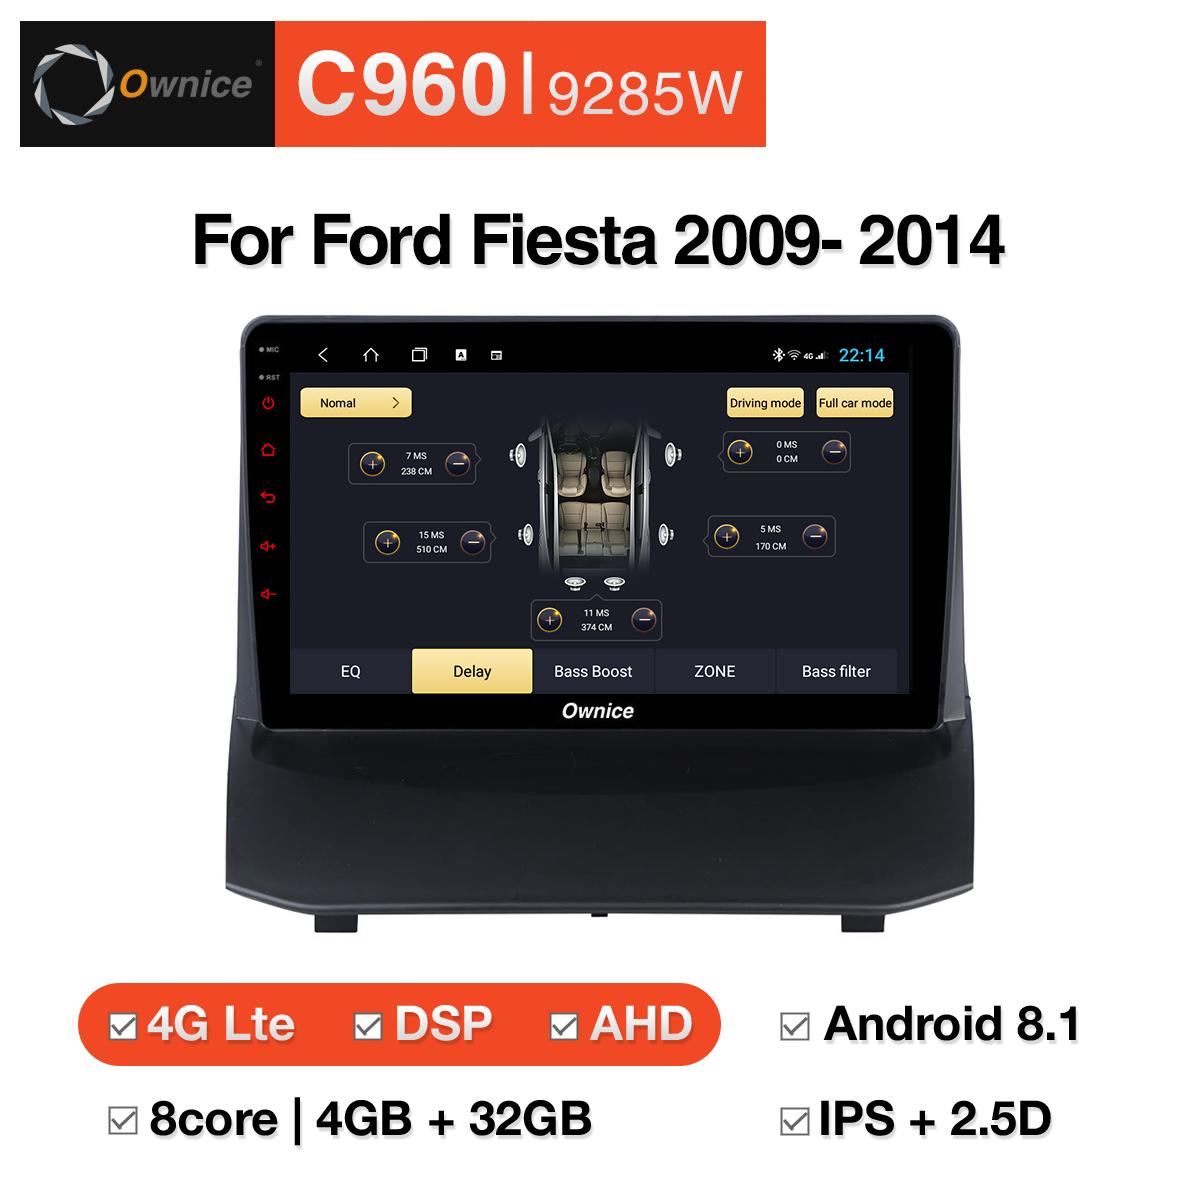 Đầu DVD android Ownice C960 cho xe ô tô Ford Fiesta 2009-2014:: OL-9285W